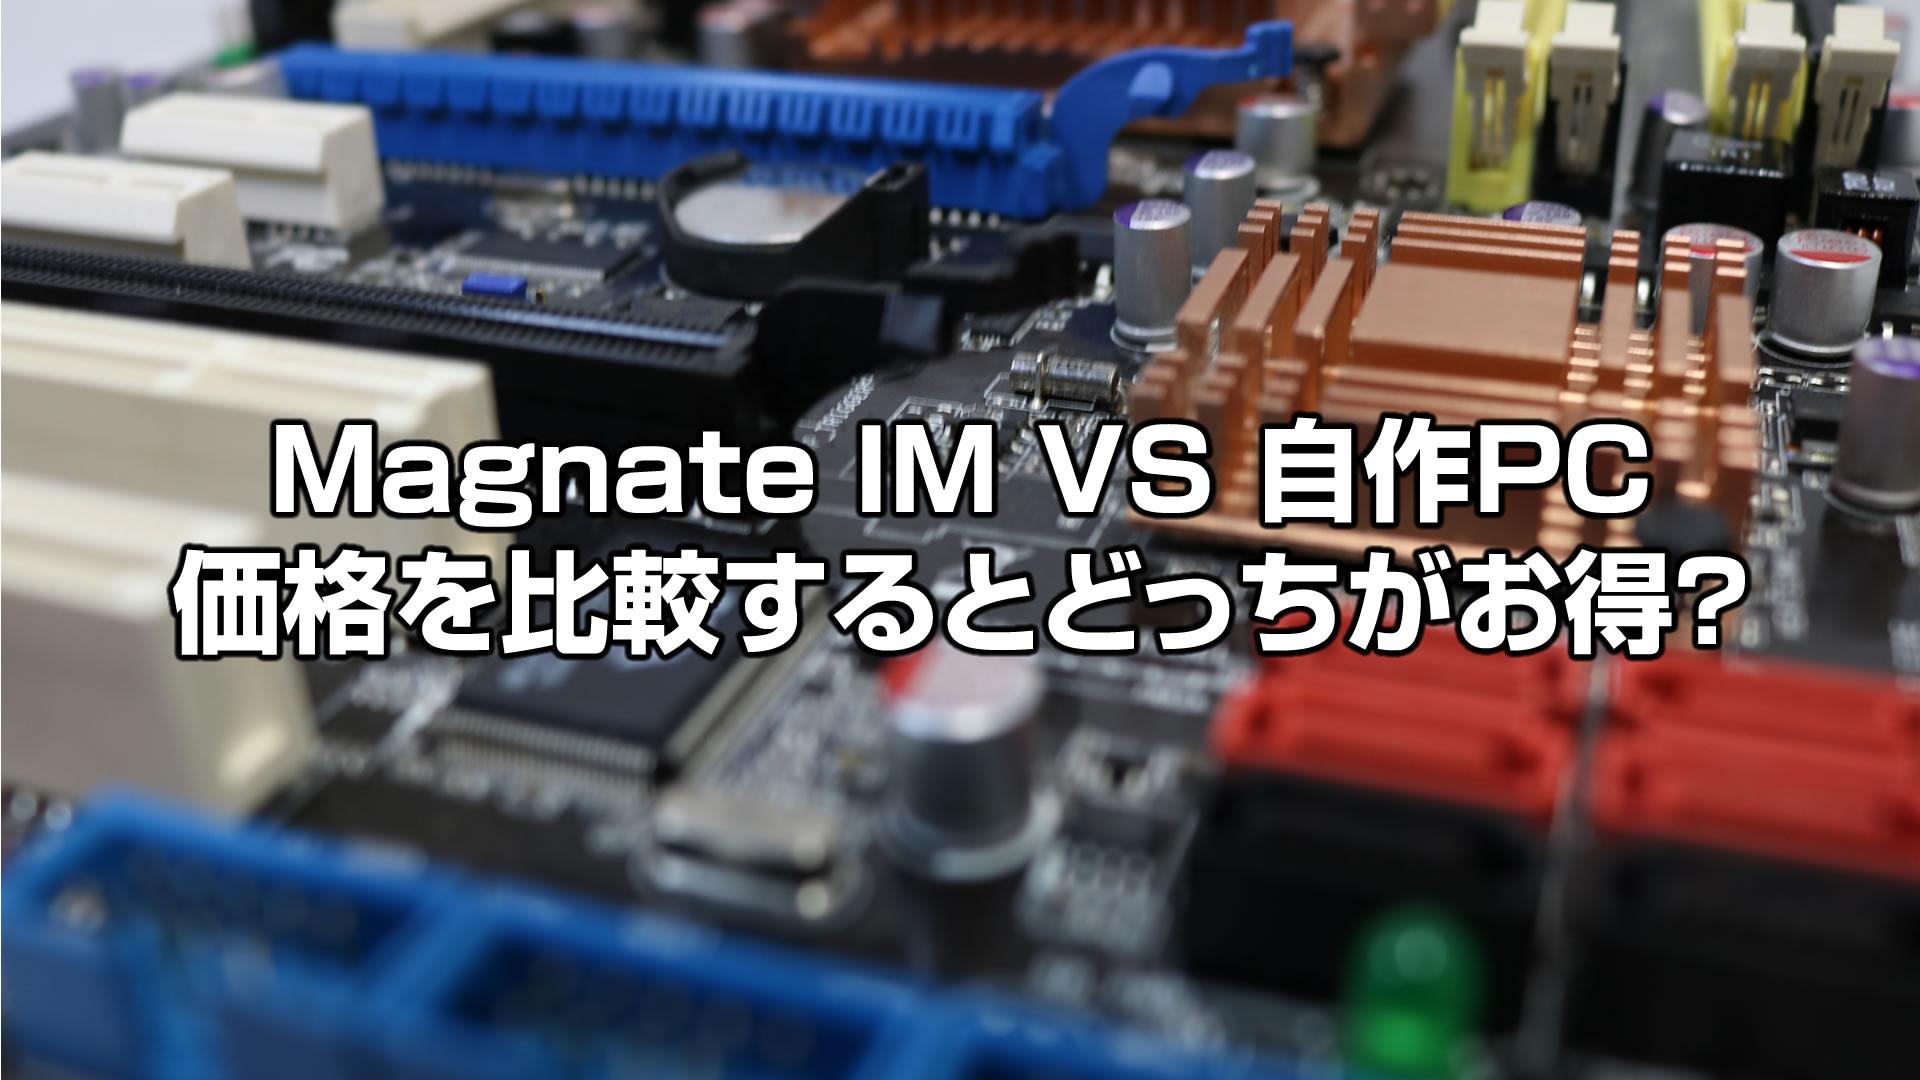 Magnate IMと同等スペックで自作を想定した場合の価格比較!どっちがお得?